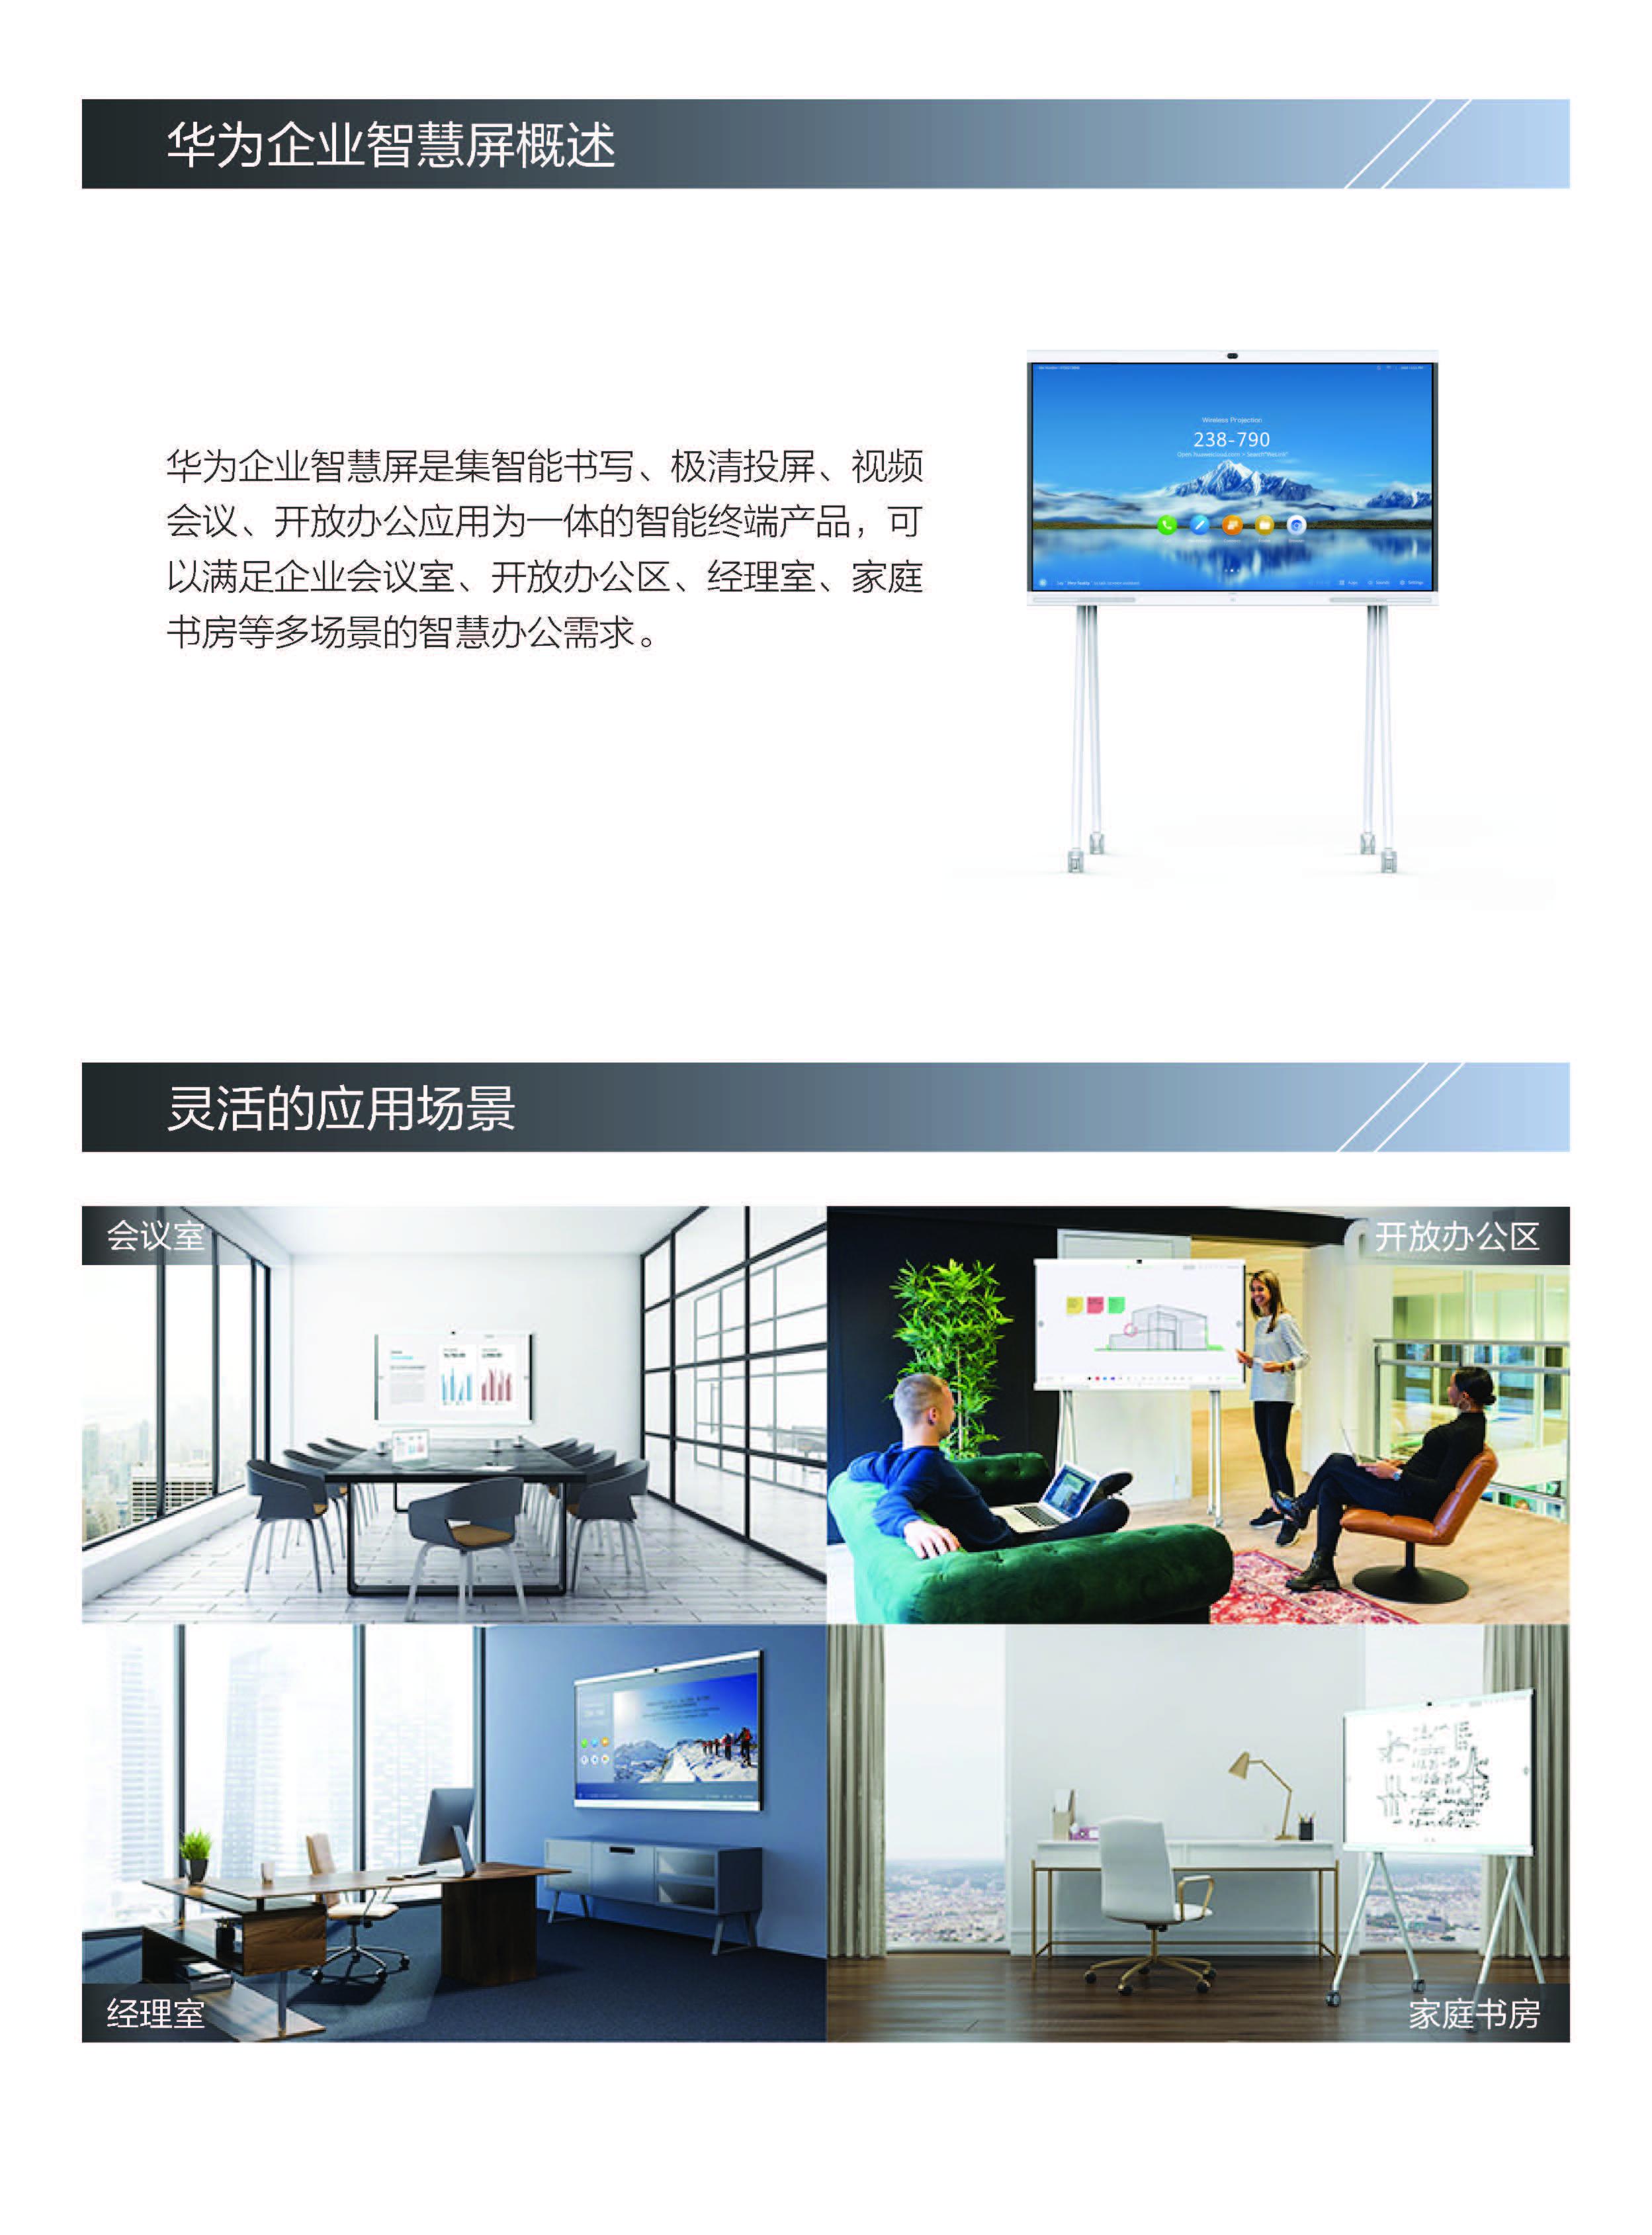 华为企业智慧屏IdeaHub彩页_页面_2.jpg